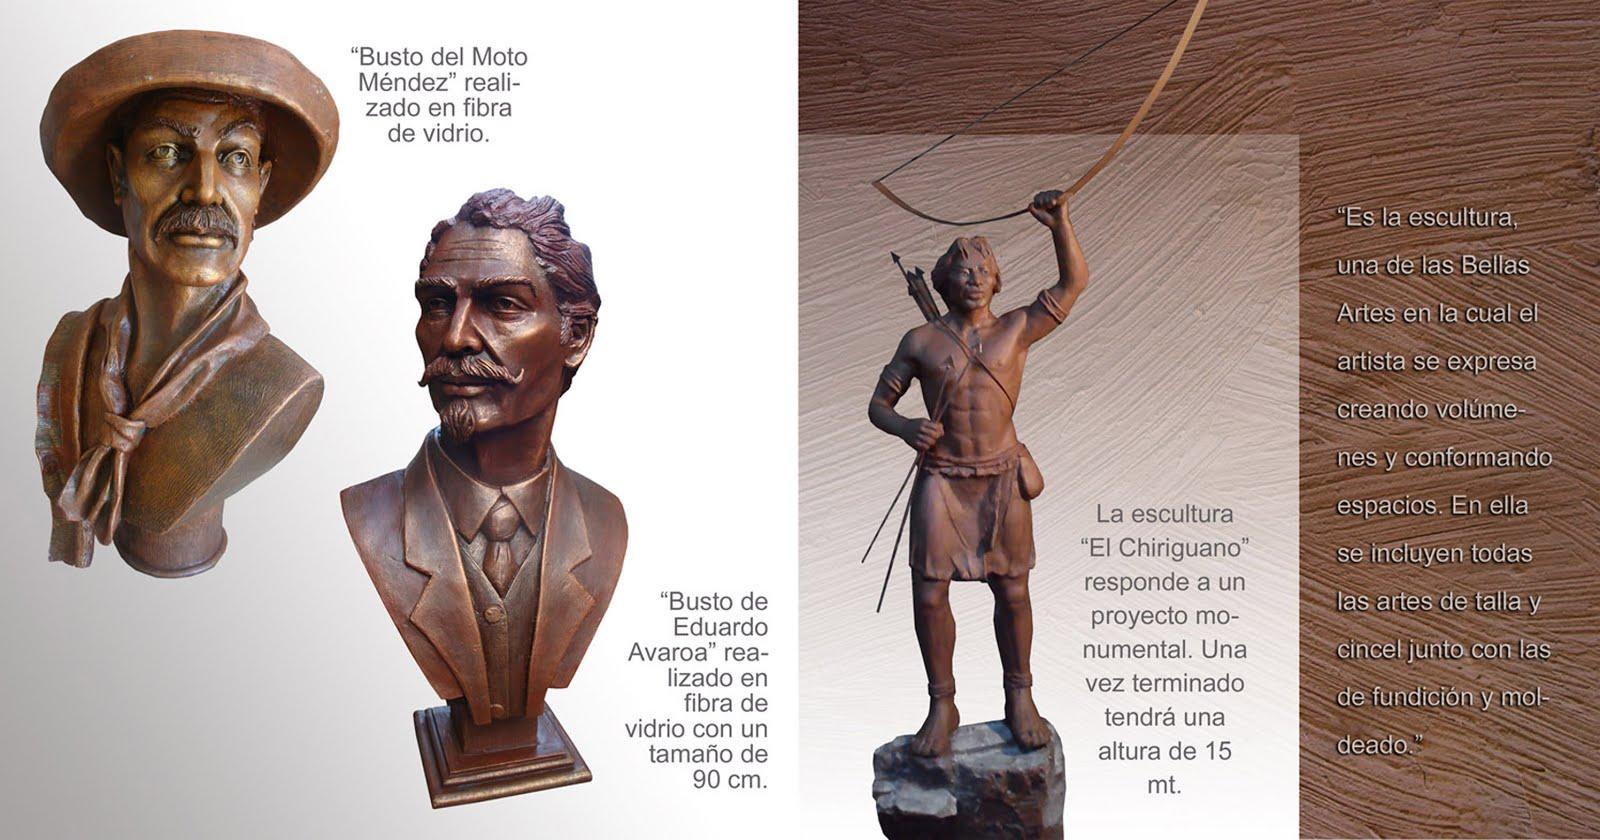 Bustos y esculturas